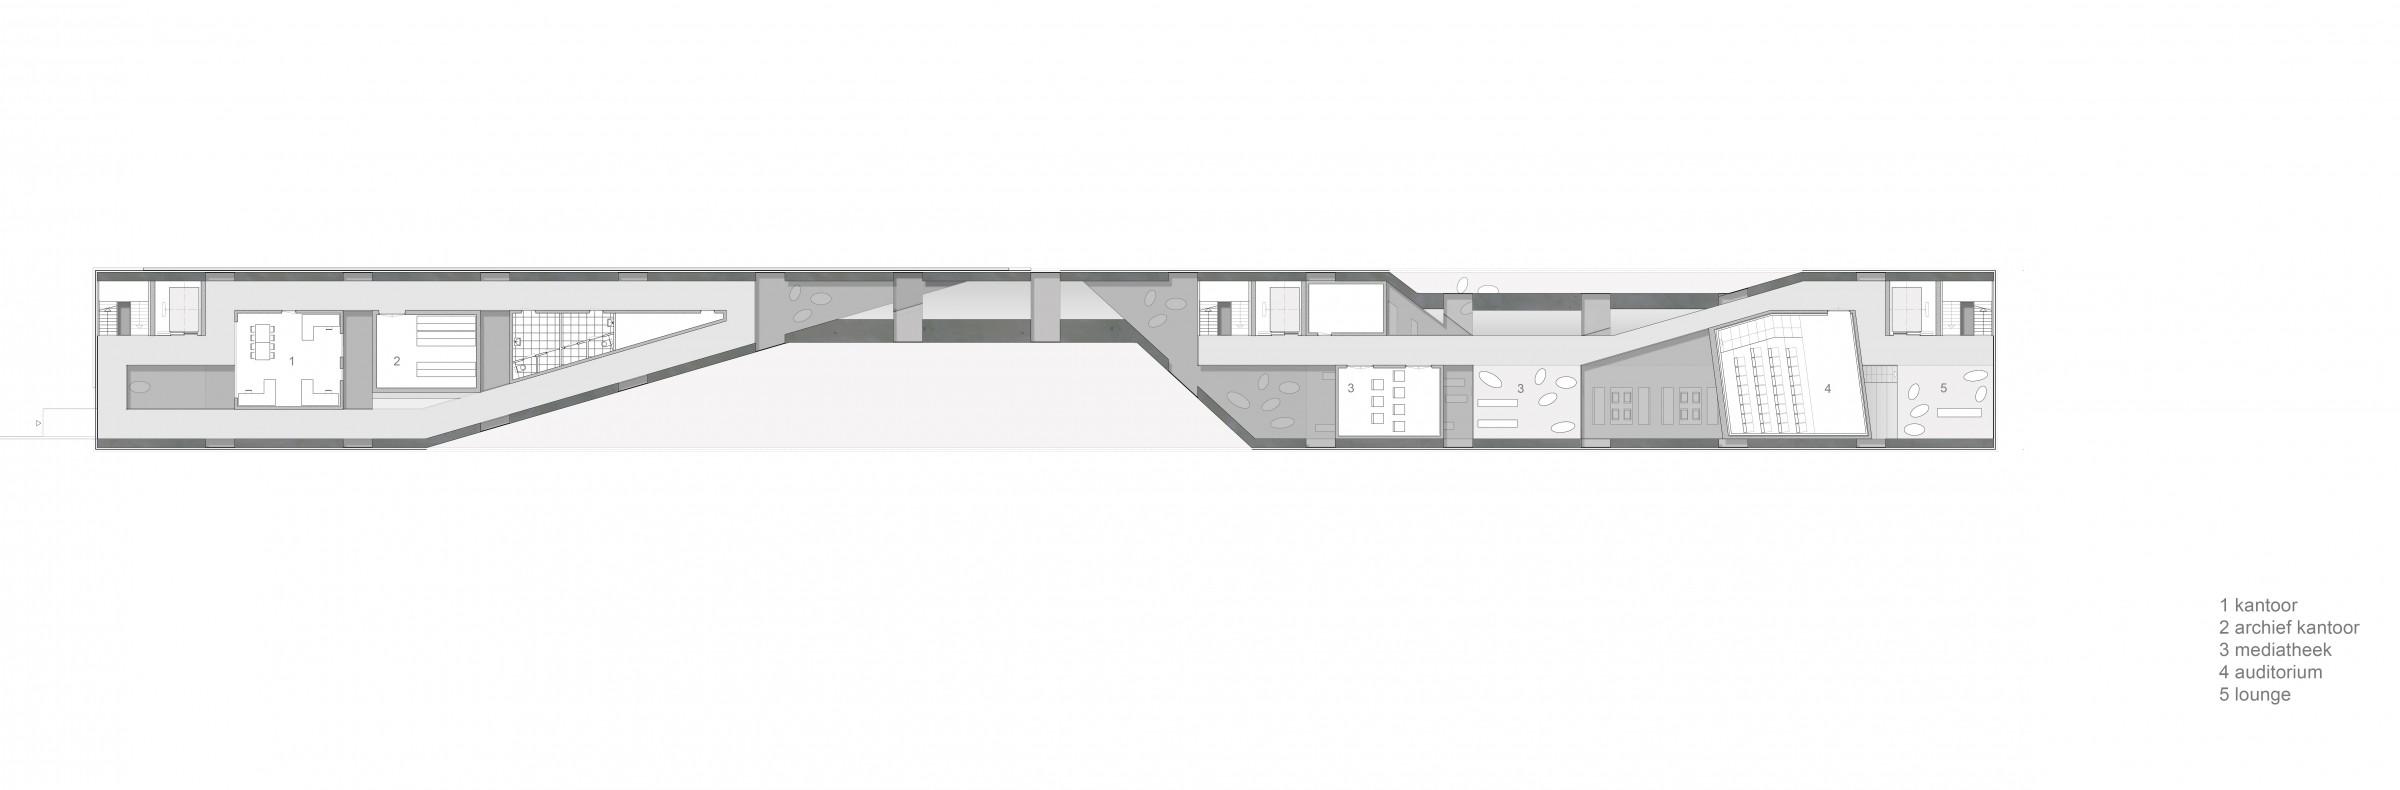 Plattegrond Keuken Restaurant : Doorsnede1 archief2 kantoor3 onderhoud archief4 lounge5 mediatheek6